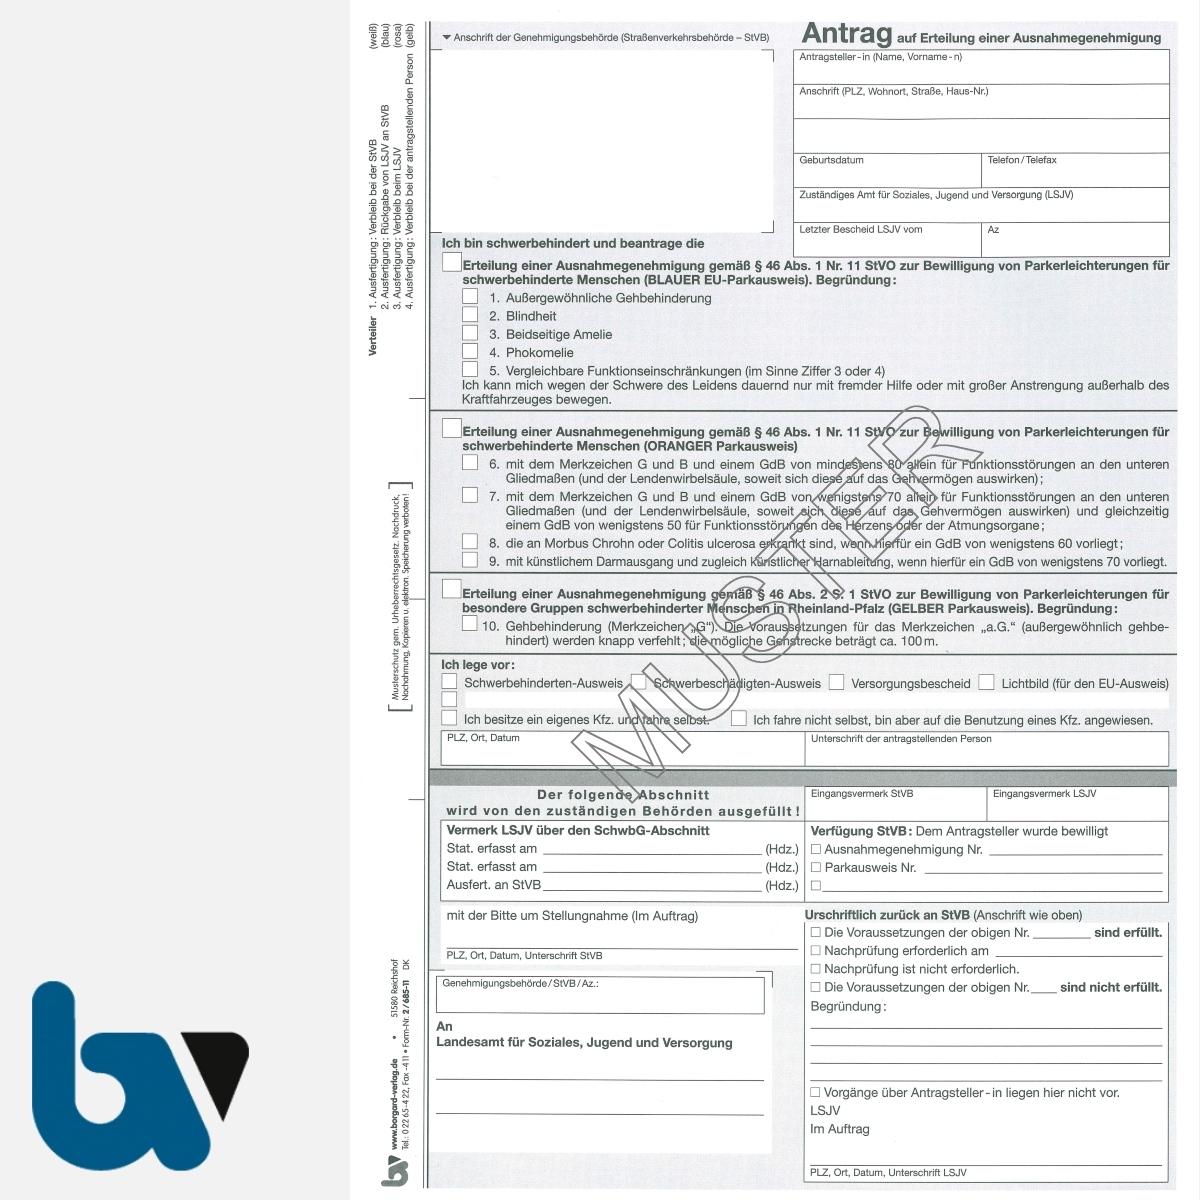 2/685-11 Antrag auf Erteilung einer Ausnahmegenehmigung Parkausweis Parkerleichterungen Sonderregelung RP SH MV gelb Modell behinderte Menschen DIN A4 4-fach   Borgard Verlag GmbH